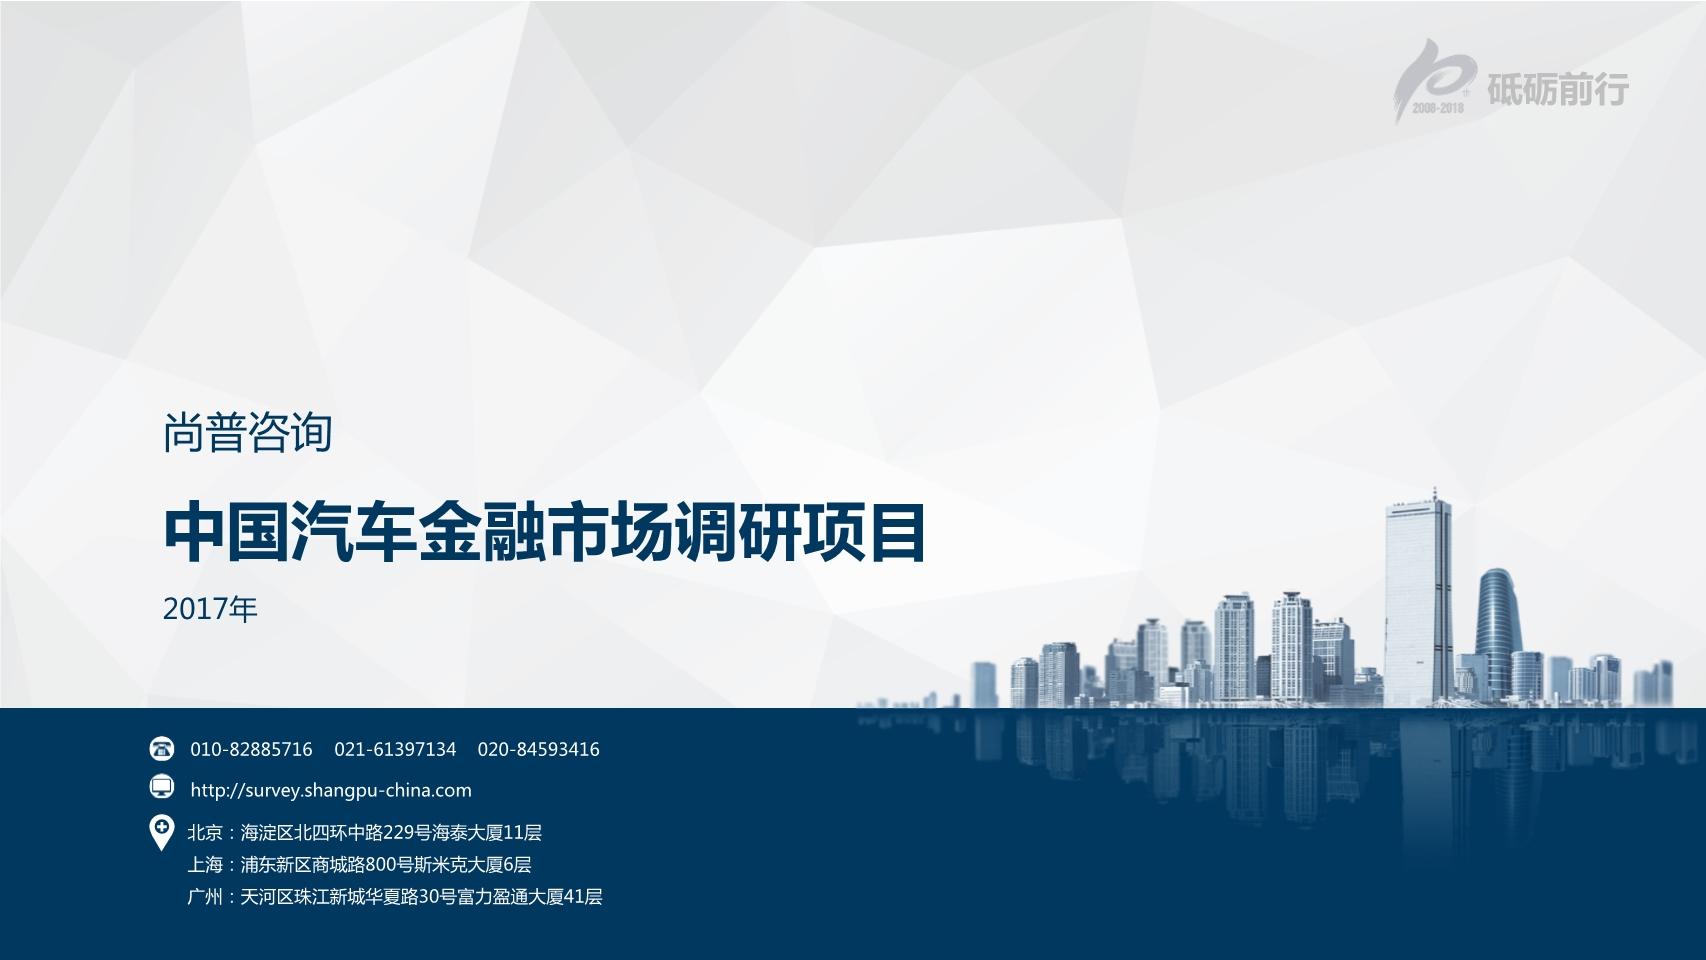 尚普咨询-中国汽车金融市场调研项目